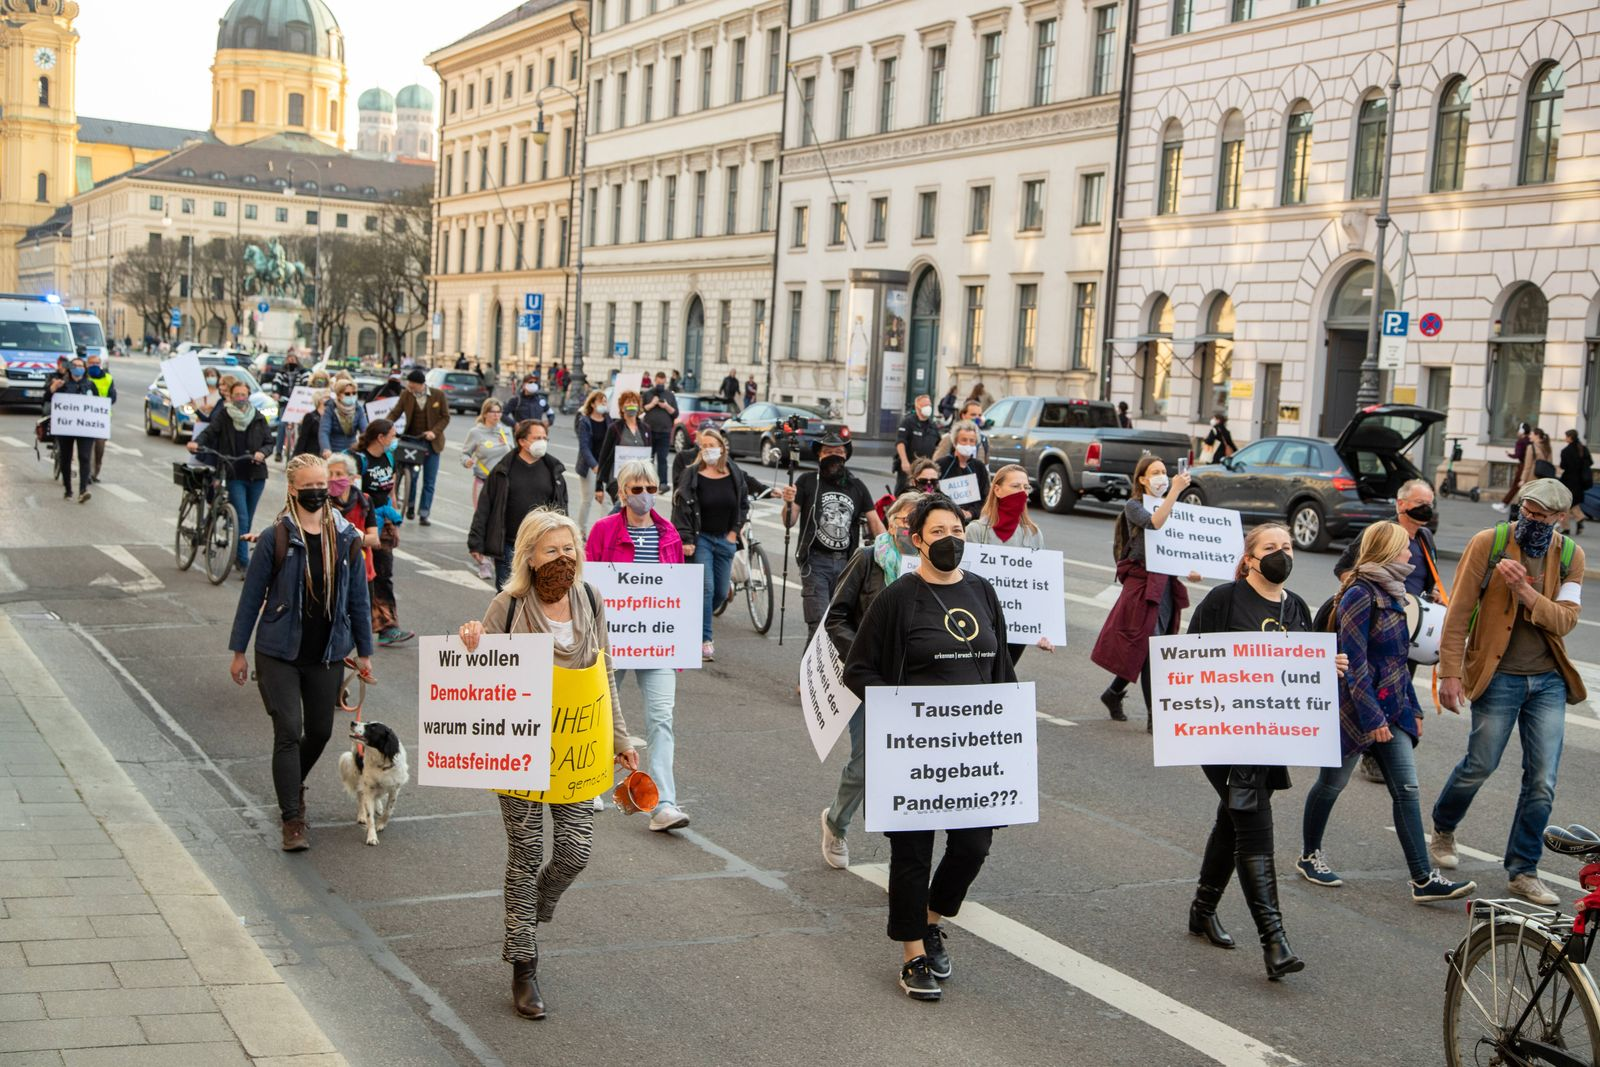 Querdenken Demo gegen den Lockdown in München, Ca. 50 Corona Leugner*innen, Impfgegner*innen und Querdenken Aktivist*inn